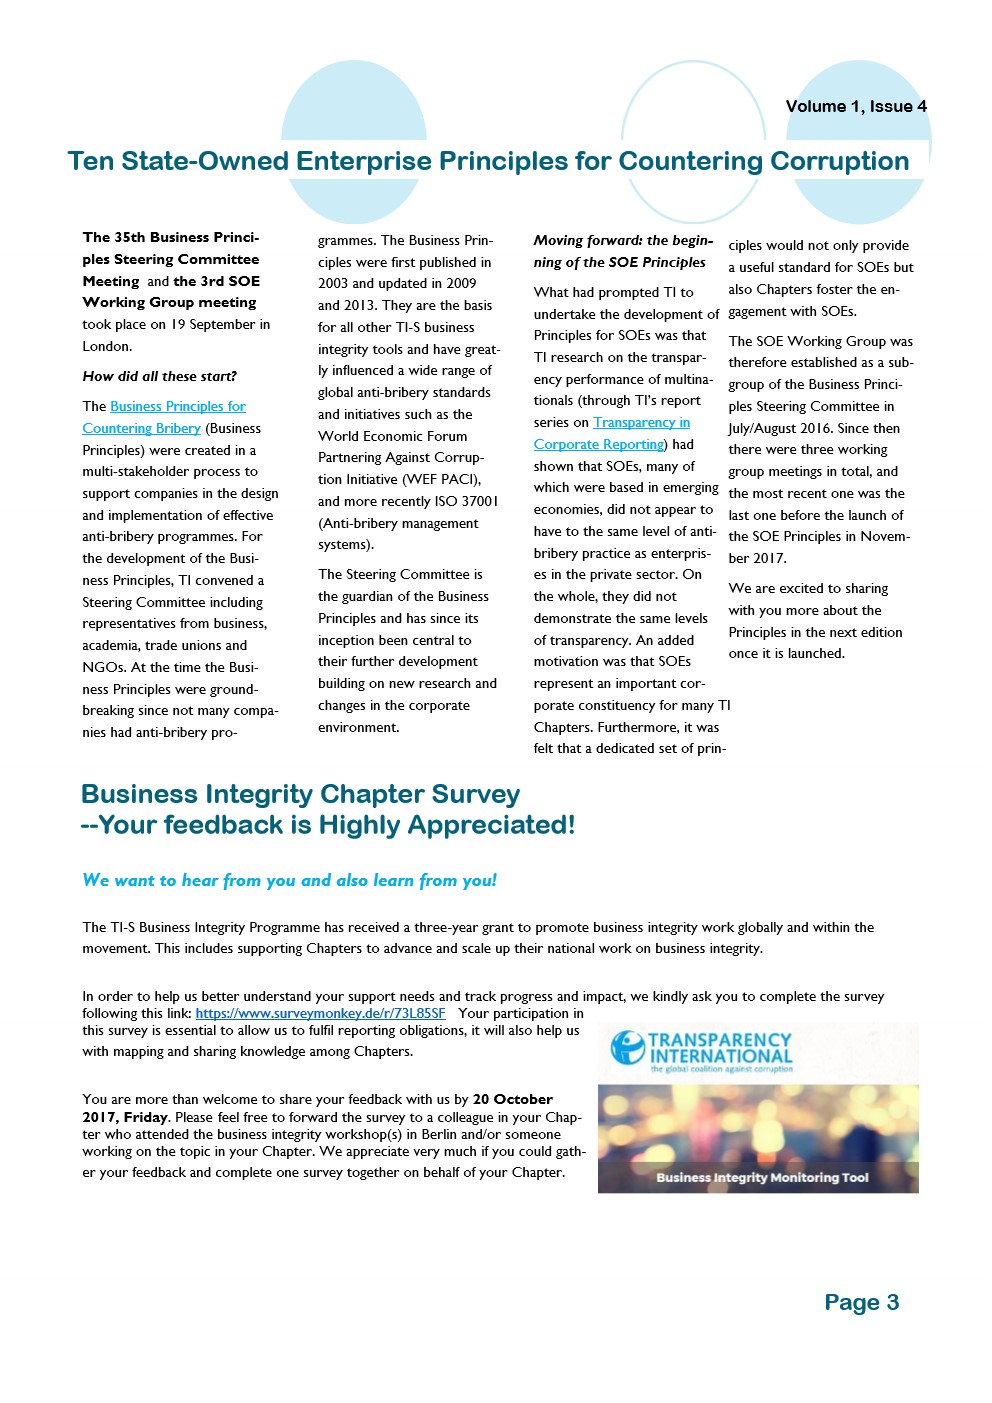 ניוזלטר עסקי לחודש אוקטובר 2017 - עמוד 3